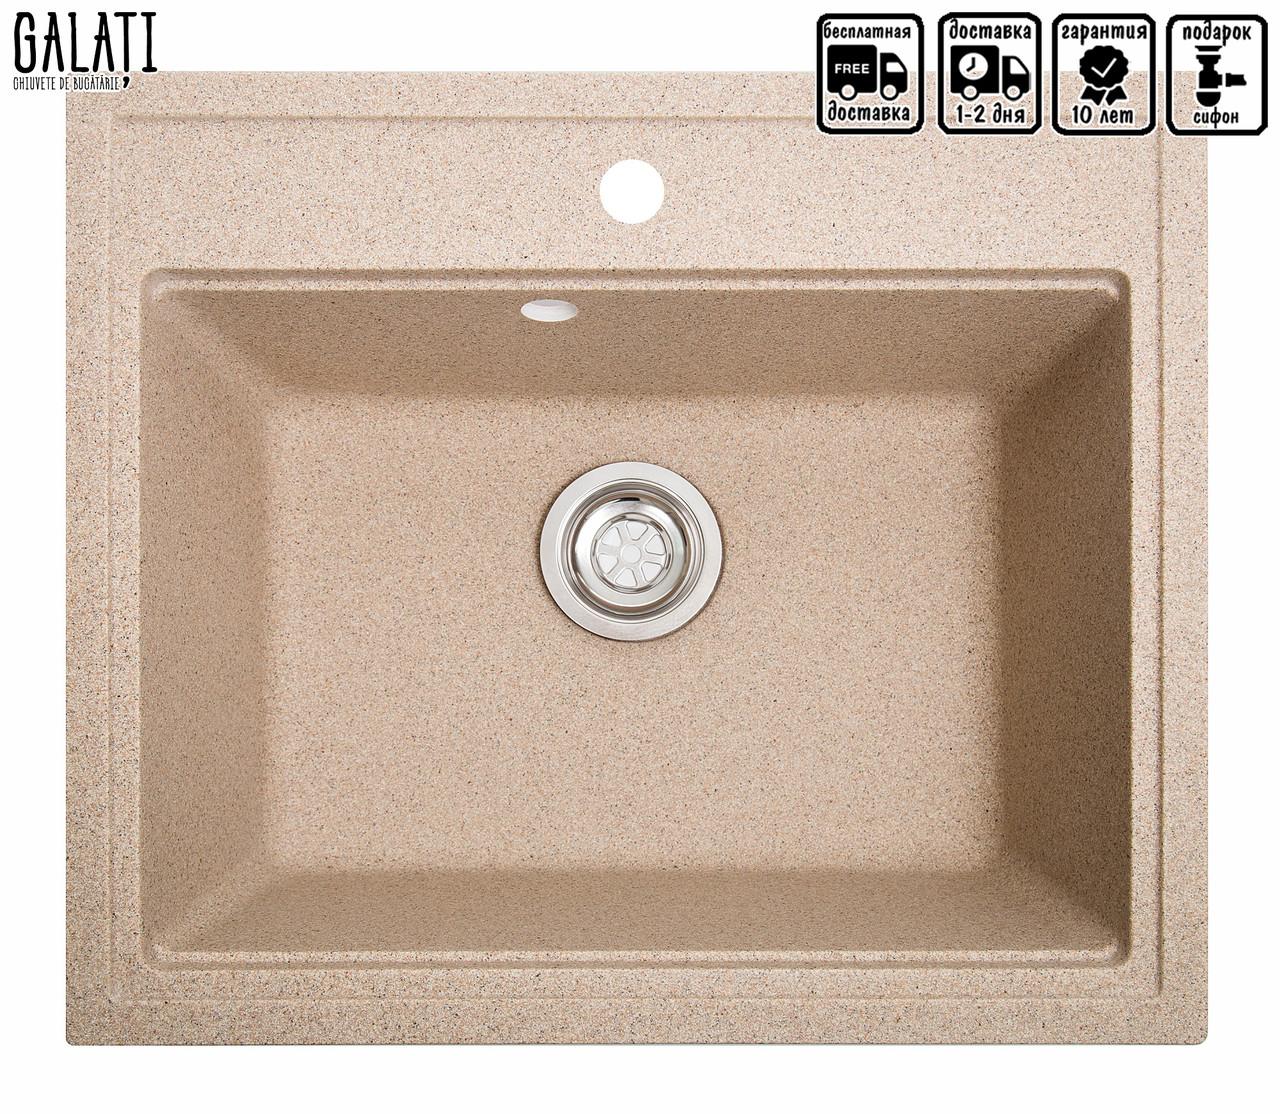 Кухонна мийка Galati Patrat Piesok (301)